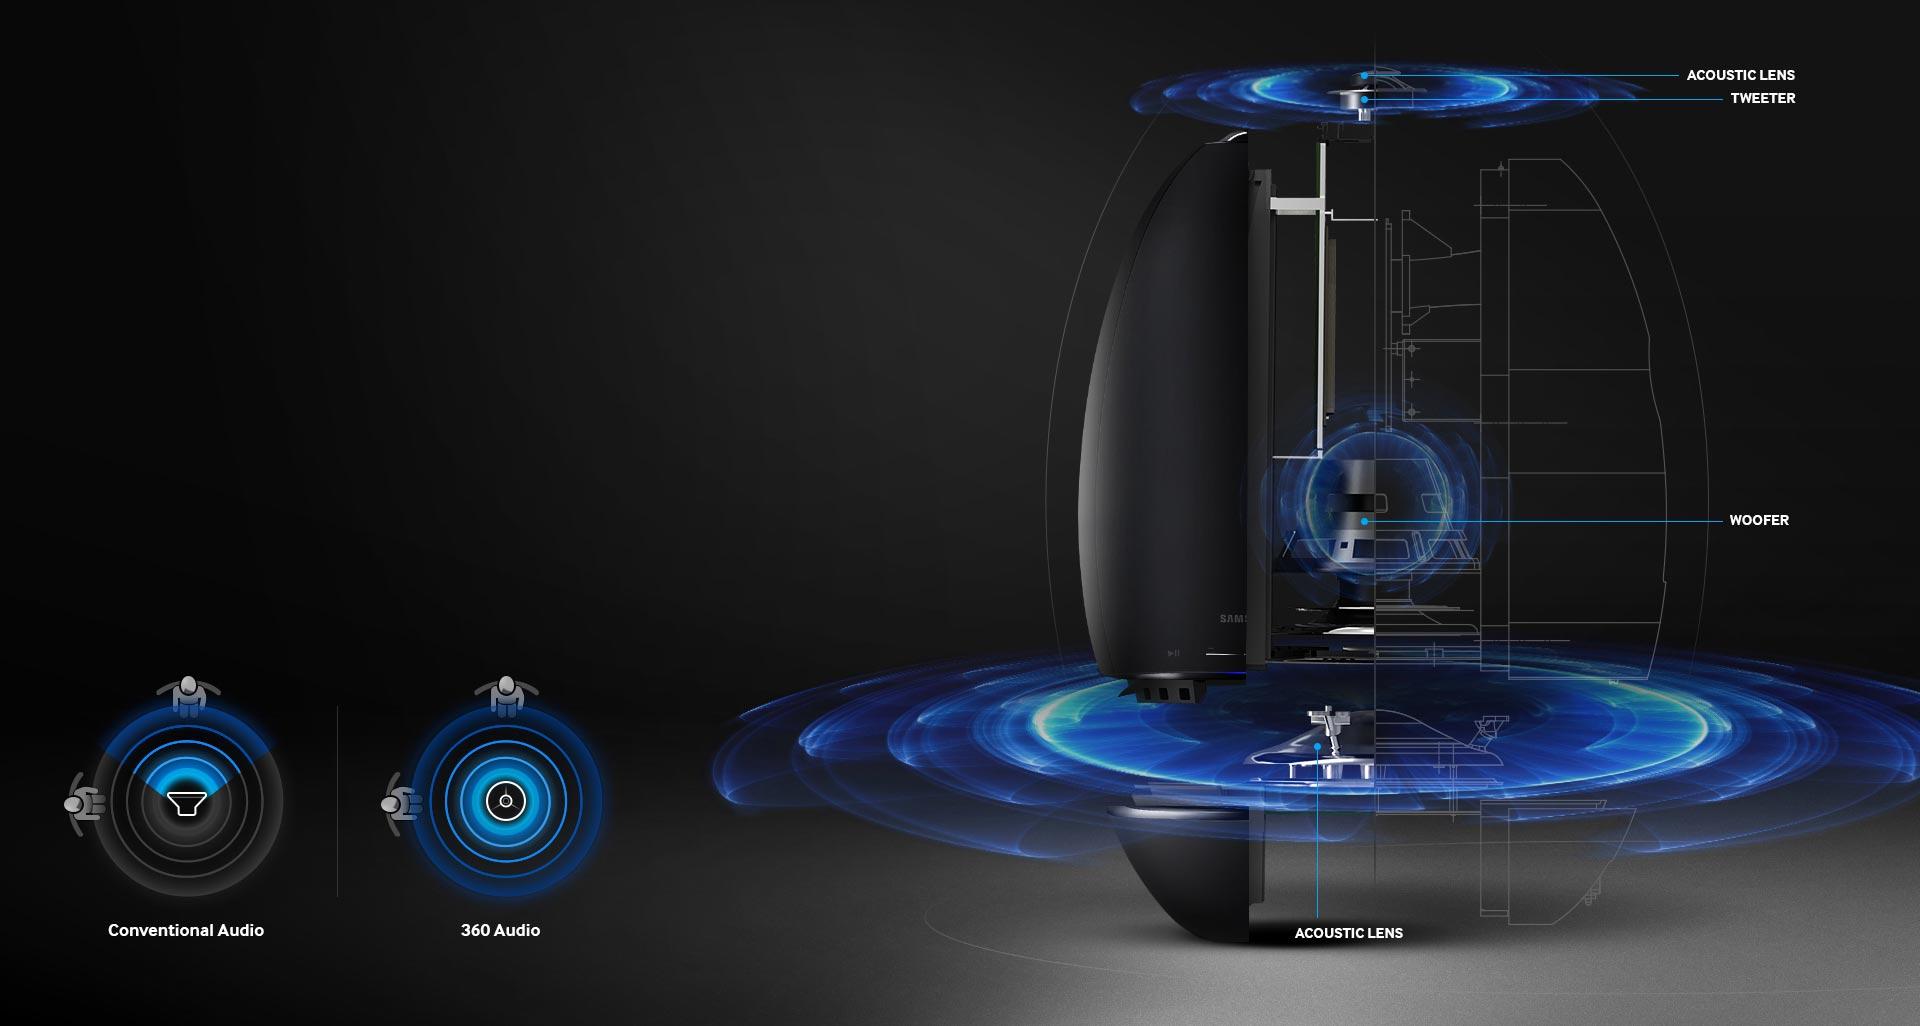 قابلیت پخش صدای 360 درجه ای